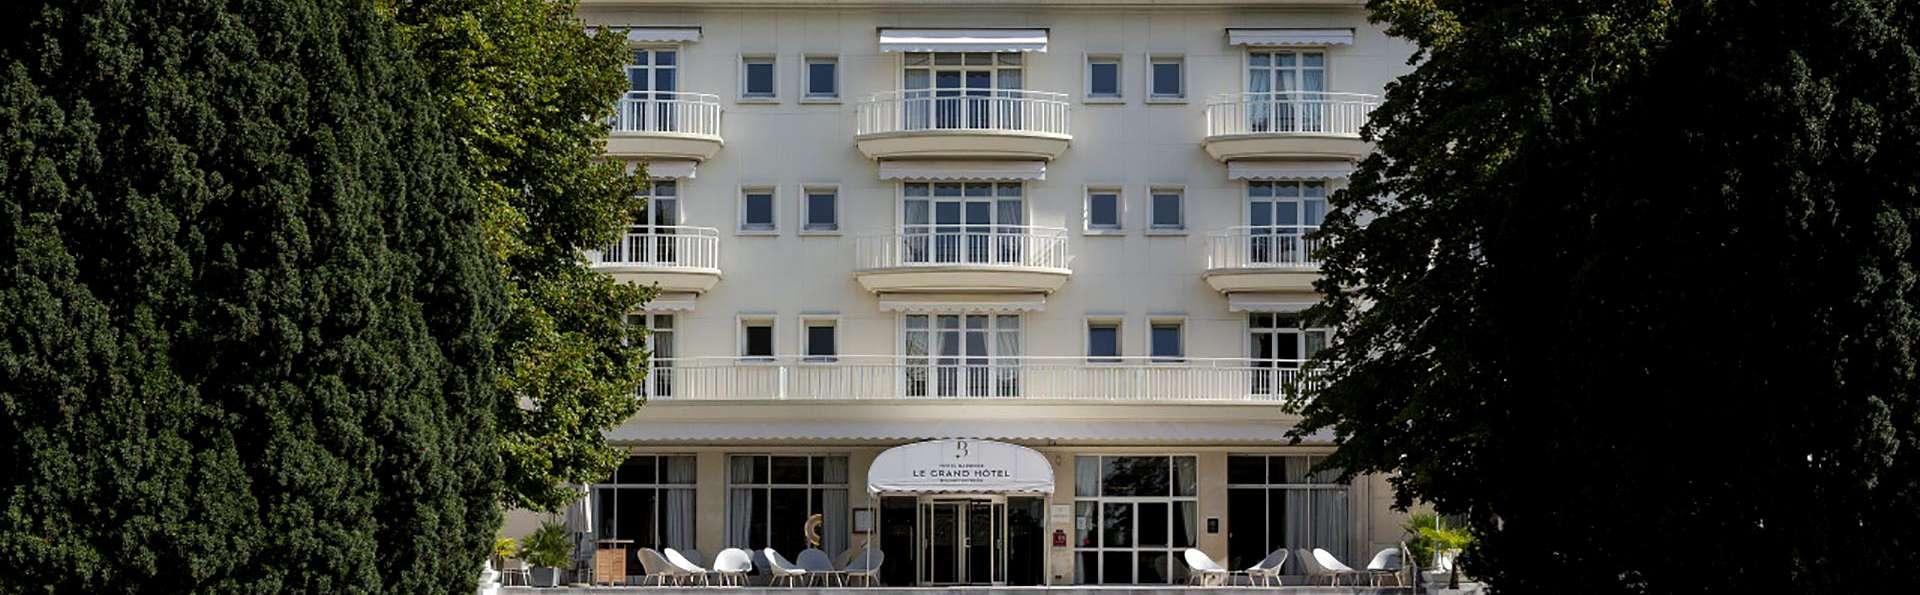 Hôtel Barrière Le Grand Hôtel - EDIT_NEW_FRONT2.jpg